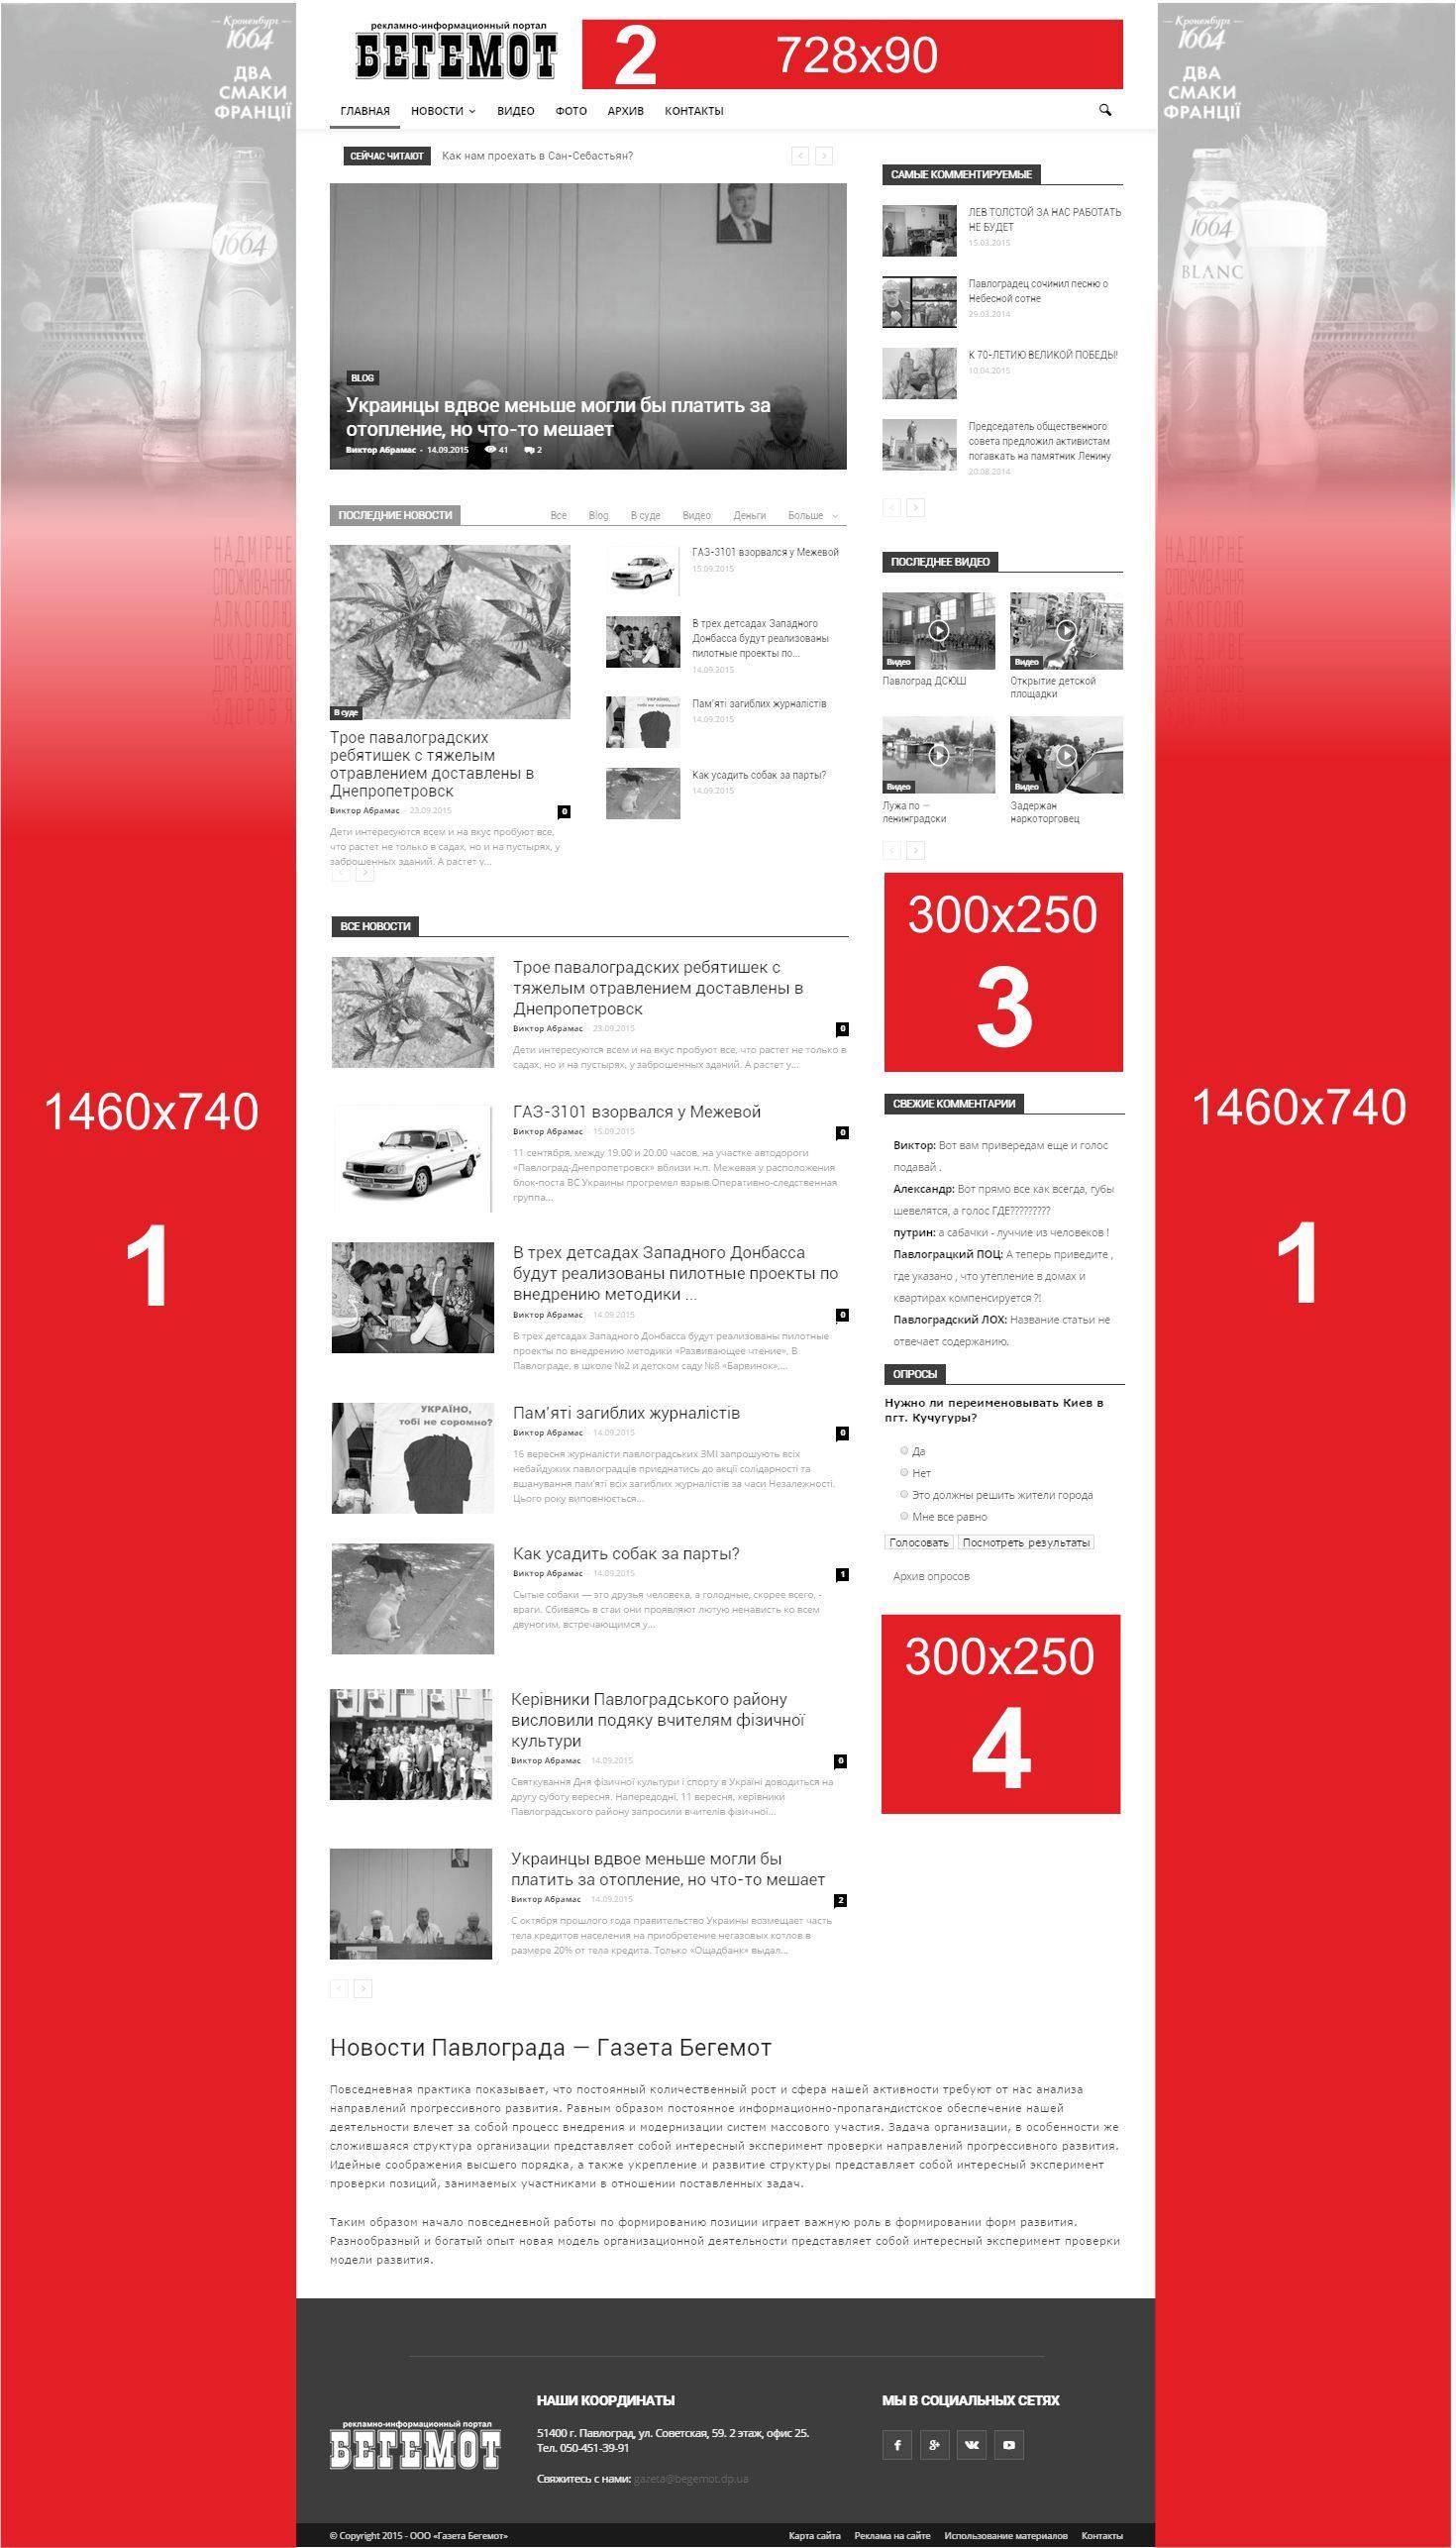 Рекламные места на сайте begemot.dp.ua